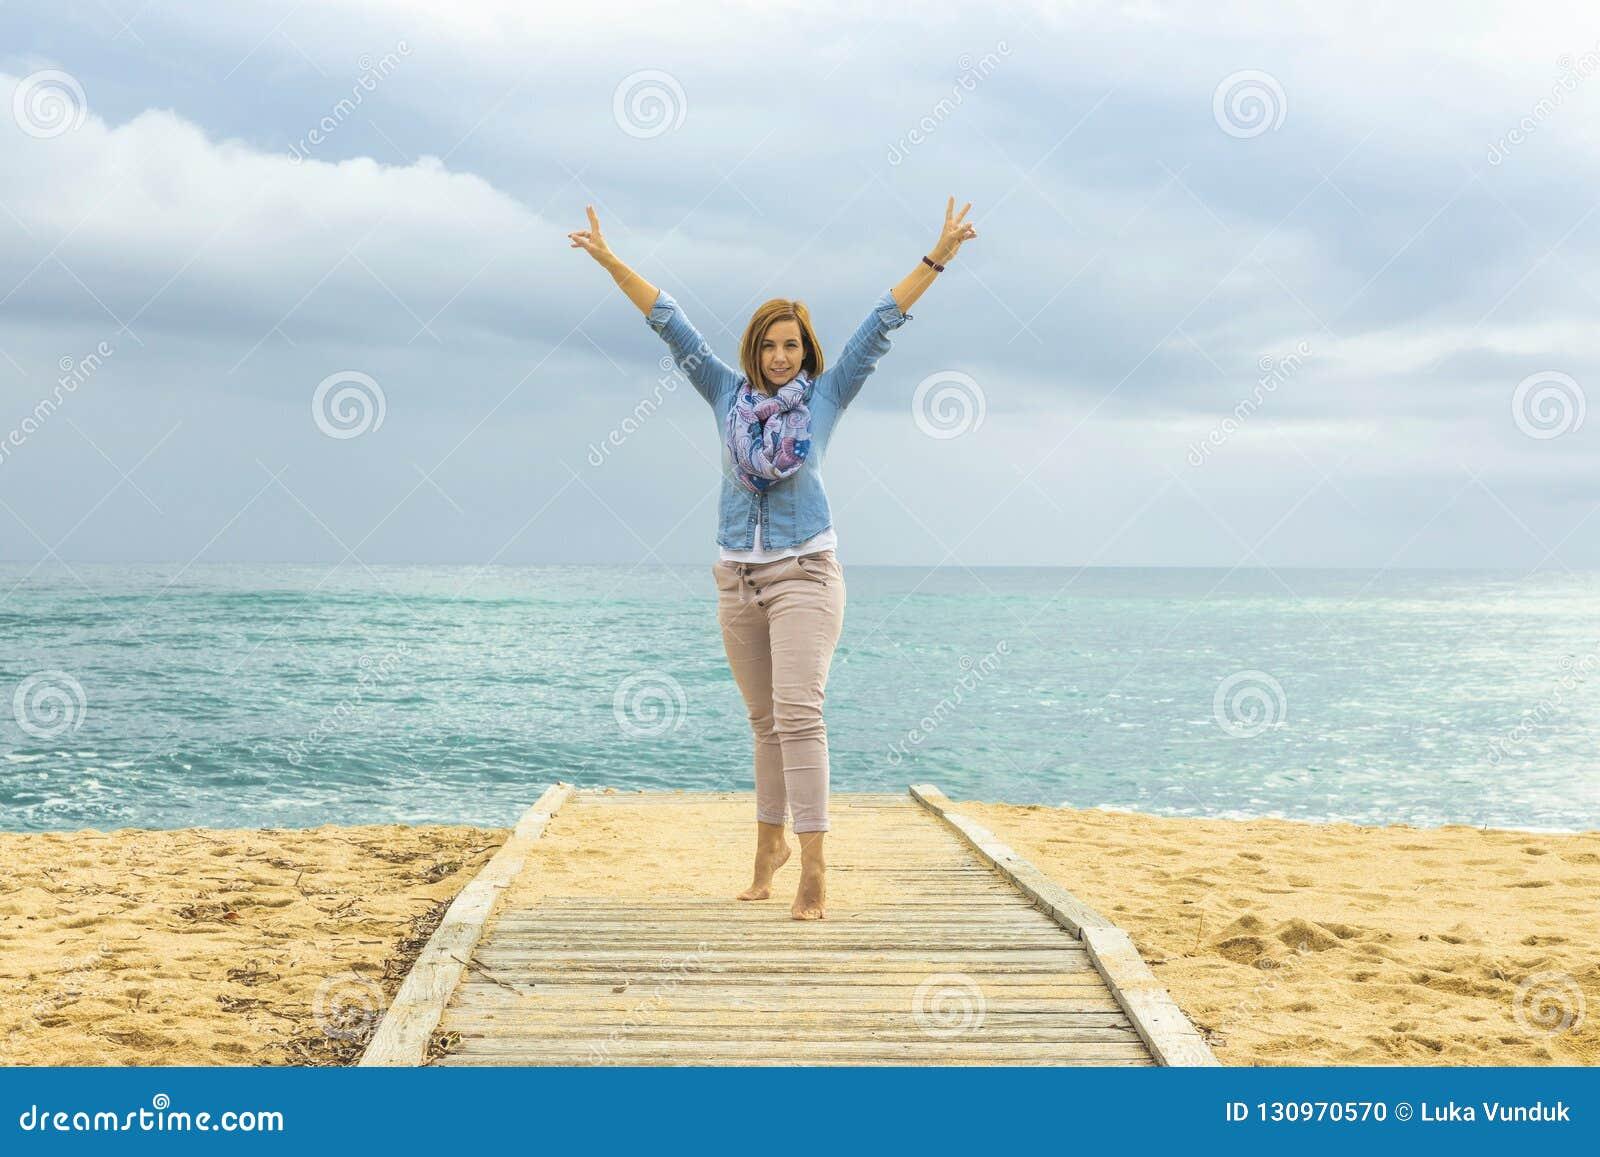 乐观生活方式 一名正面妇女的力量